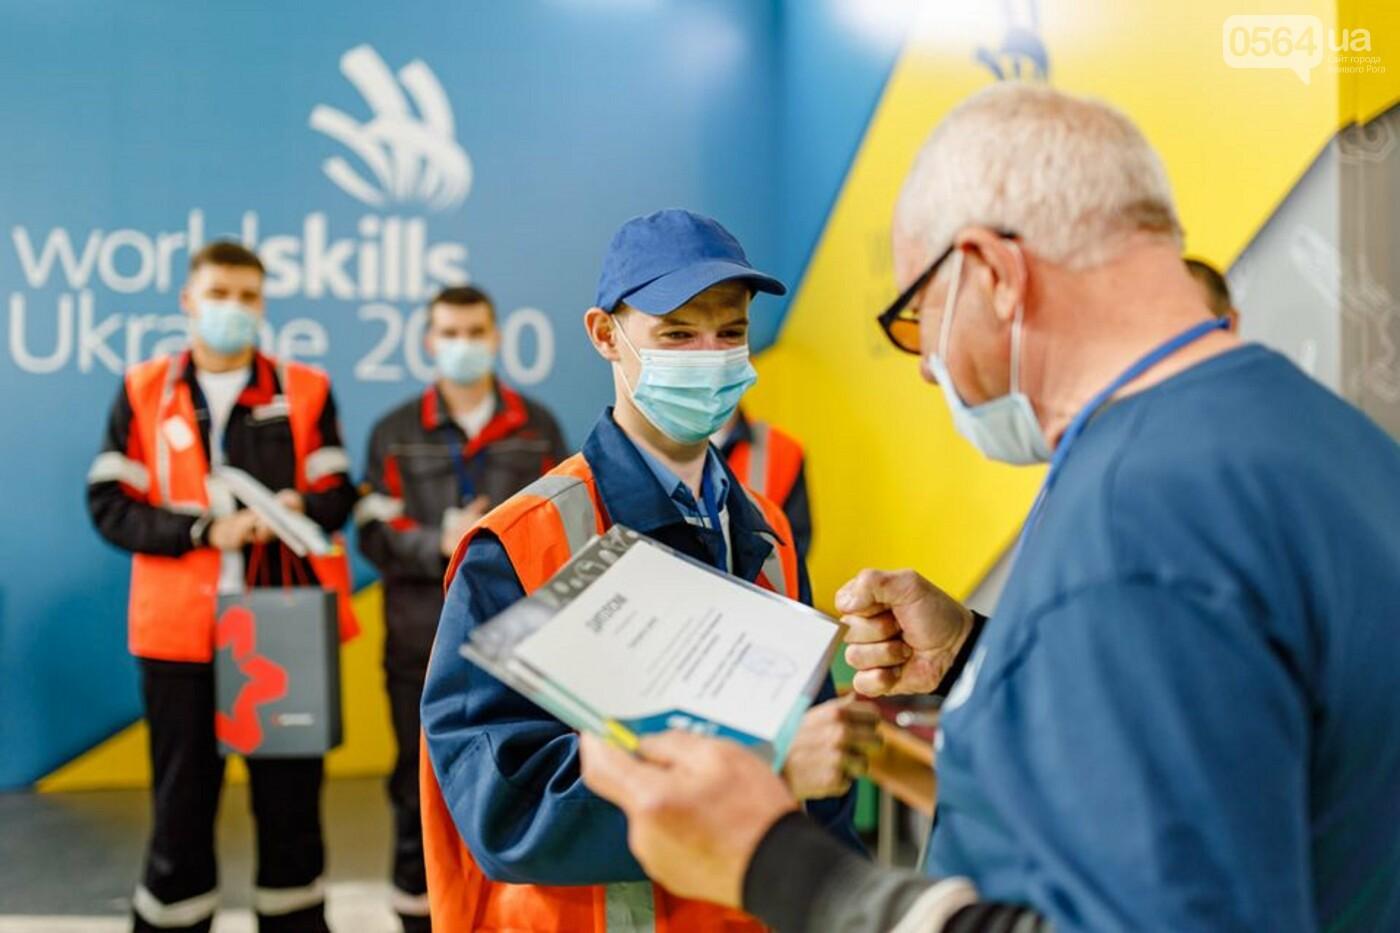 В Запорожье состоялся финал всеукраинского конкурса профессионального мастерства WorldSkills Ukraine - 2020, фото-3